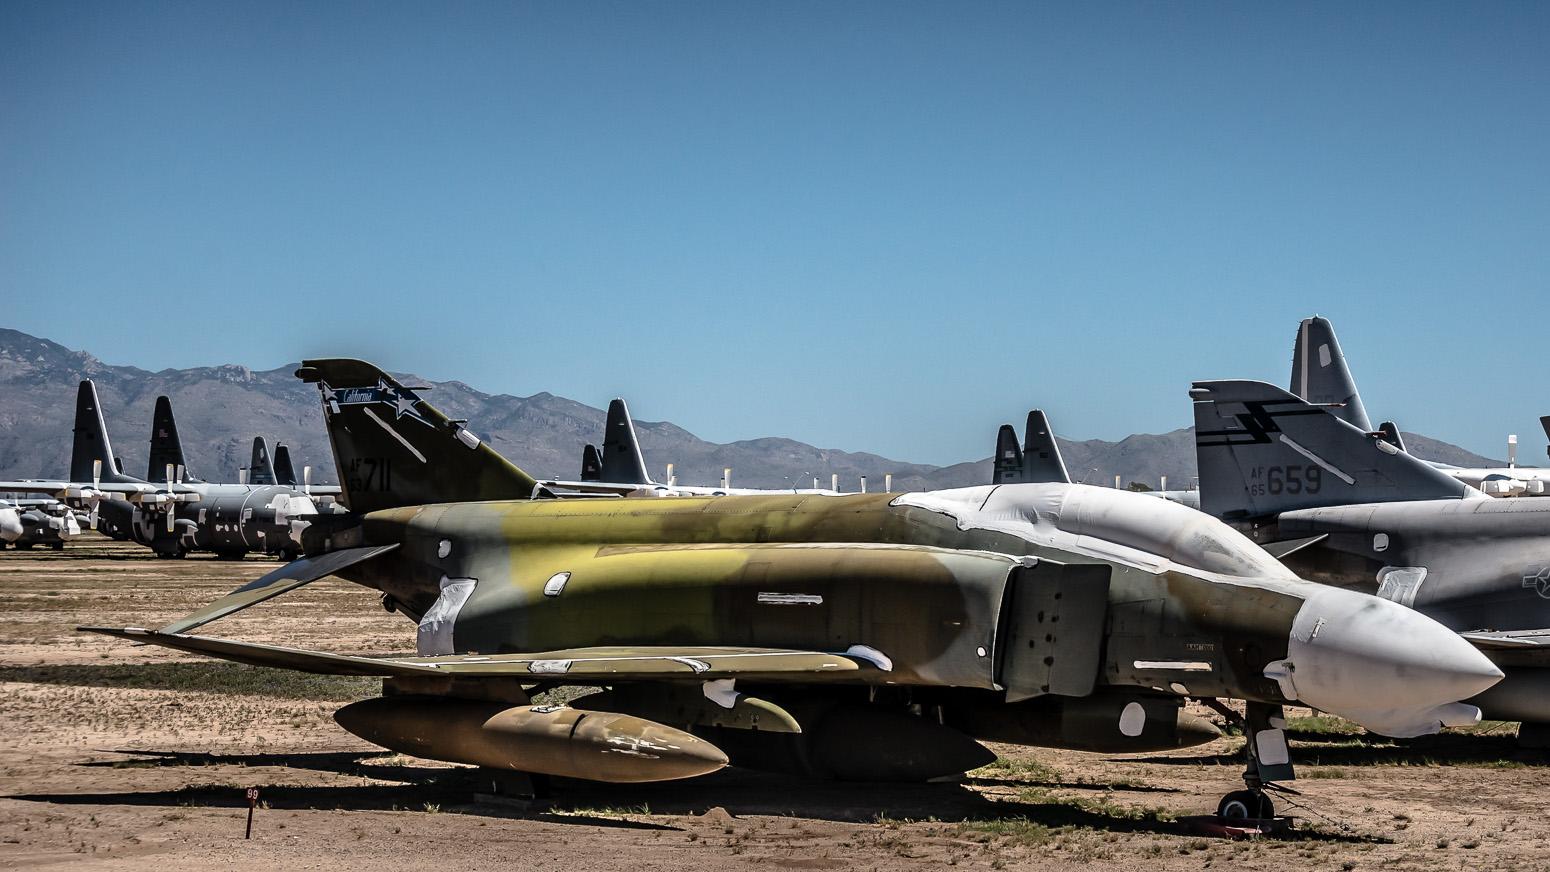 F-4 Phantom, The Boneyard, Davis-Monthan Air Force Base, Tucson, USA